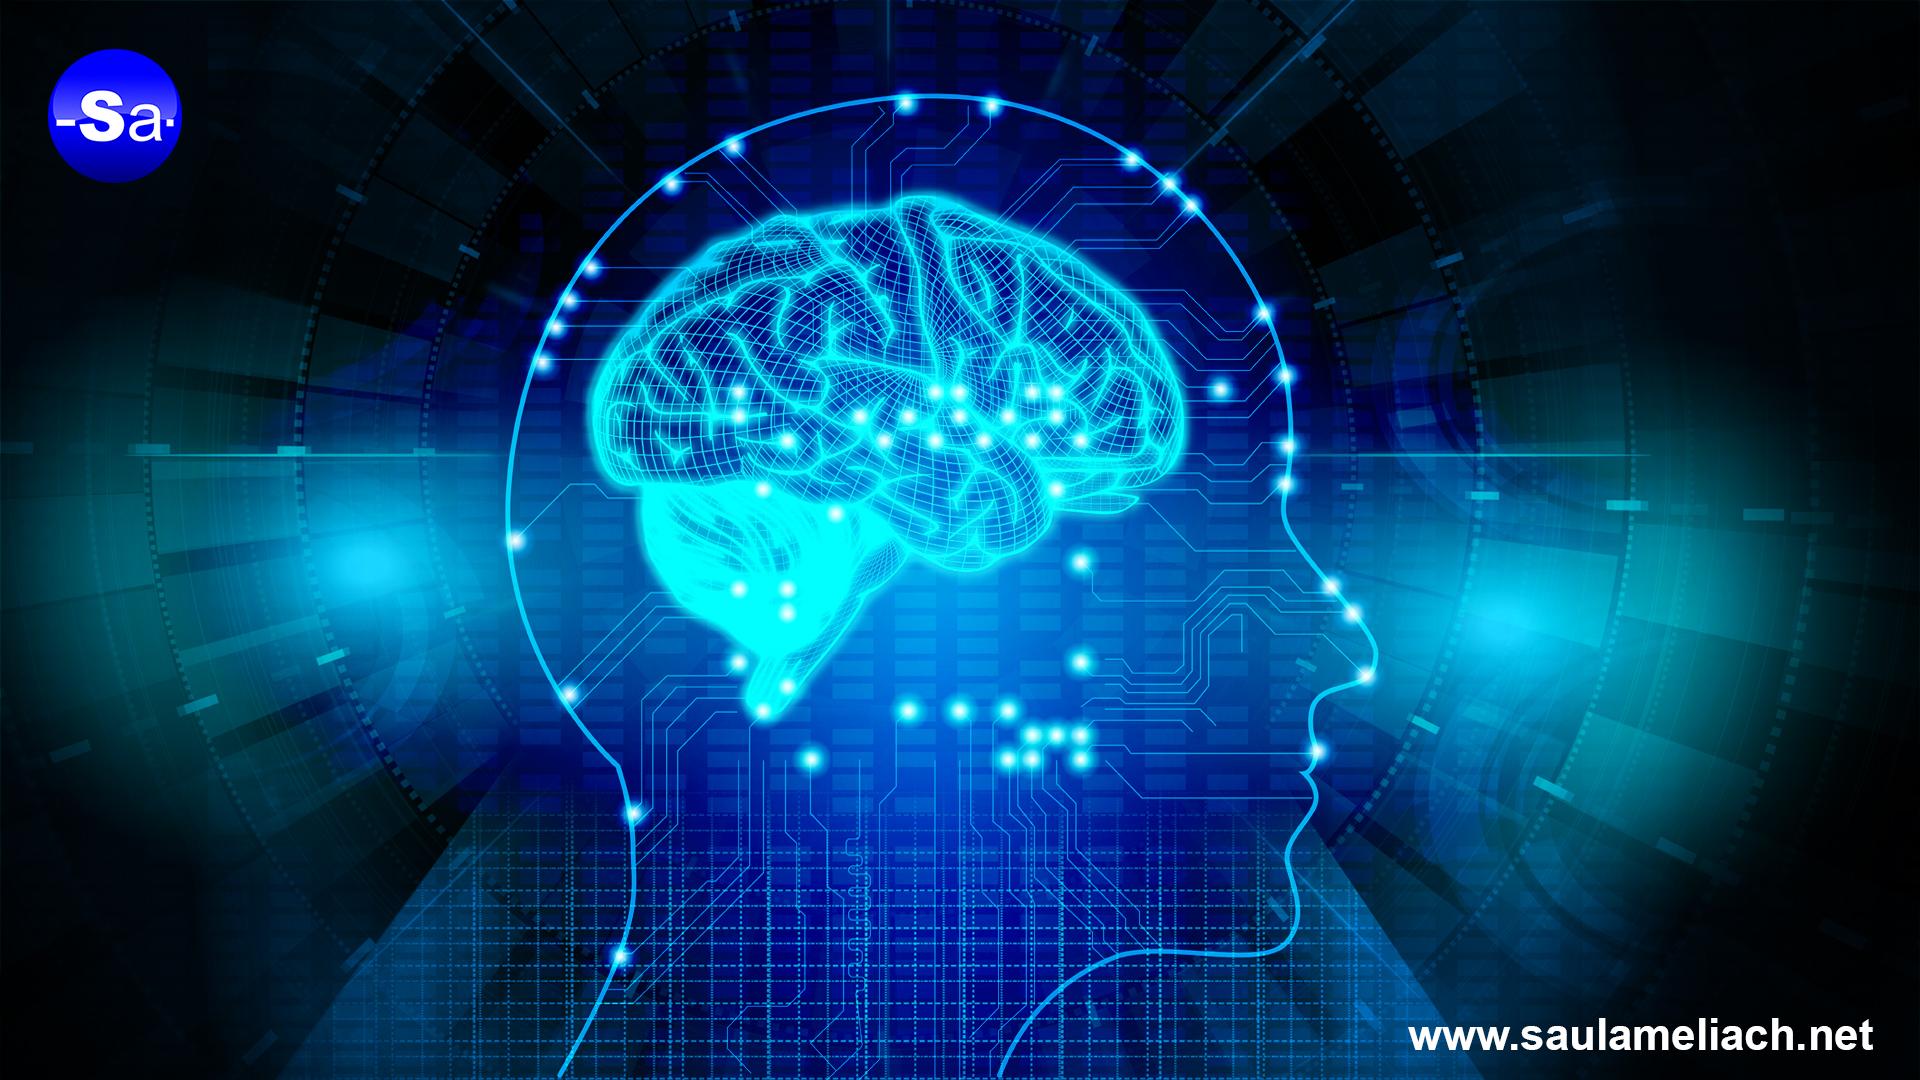 saul-ameliach-especialista-en-nuevos-desarrollos-saul-ameliach--inteligencia-artificial--asi-nos-relacionaremos-con-la-inteligencia-artificial-en-2038-noticias